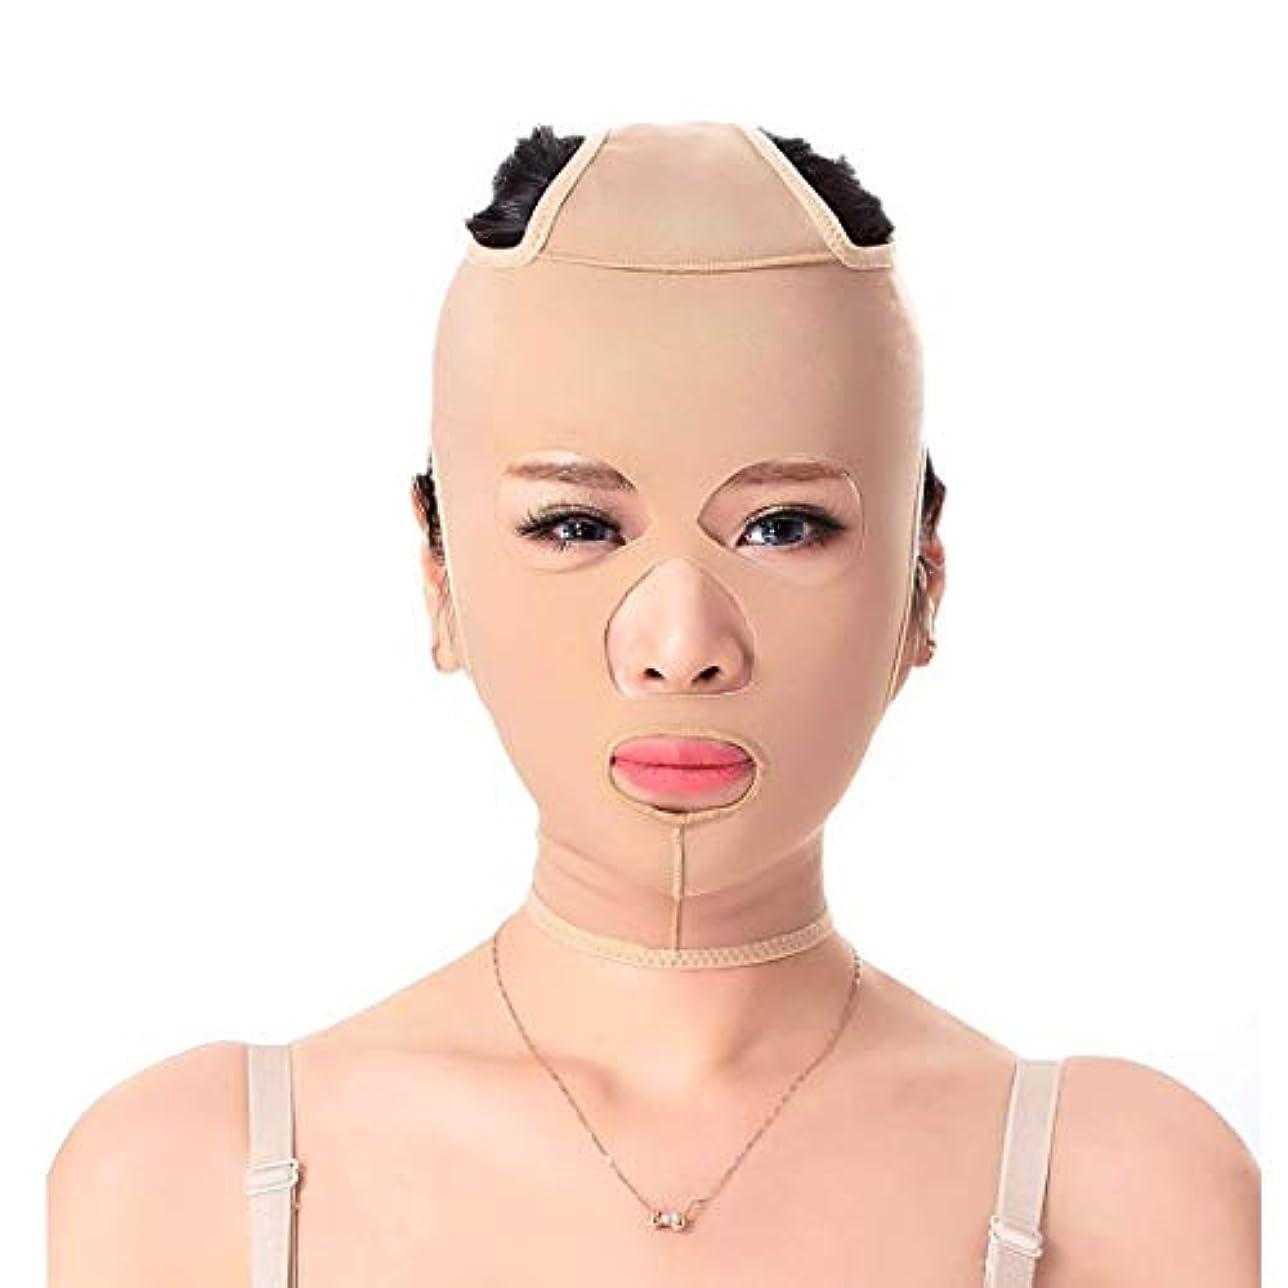 豊富にリビングルーム信頼できるSlim身ベルト、フェイシャルマスクフェイスプラスチック顔Arを引き締めるダブルあごを持ち上げるパターンを布布する薄いフェイスマスクtifactパワフルフェイスバンデージ(サイズ:M)